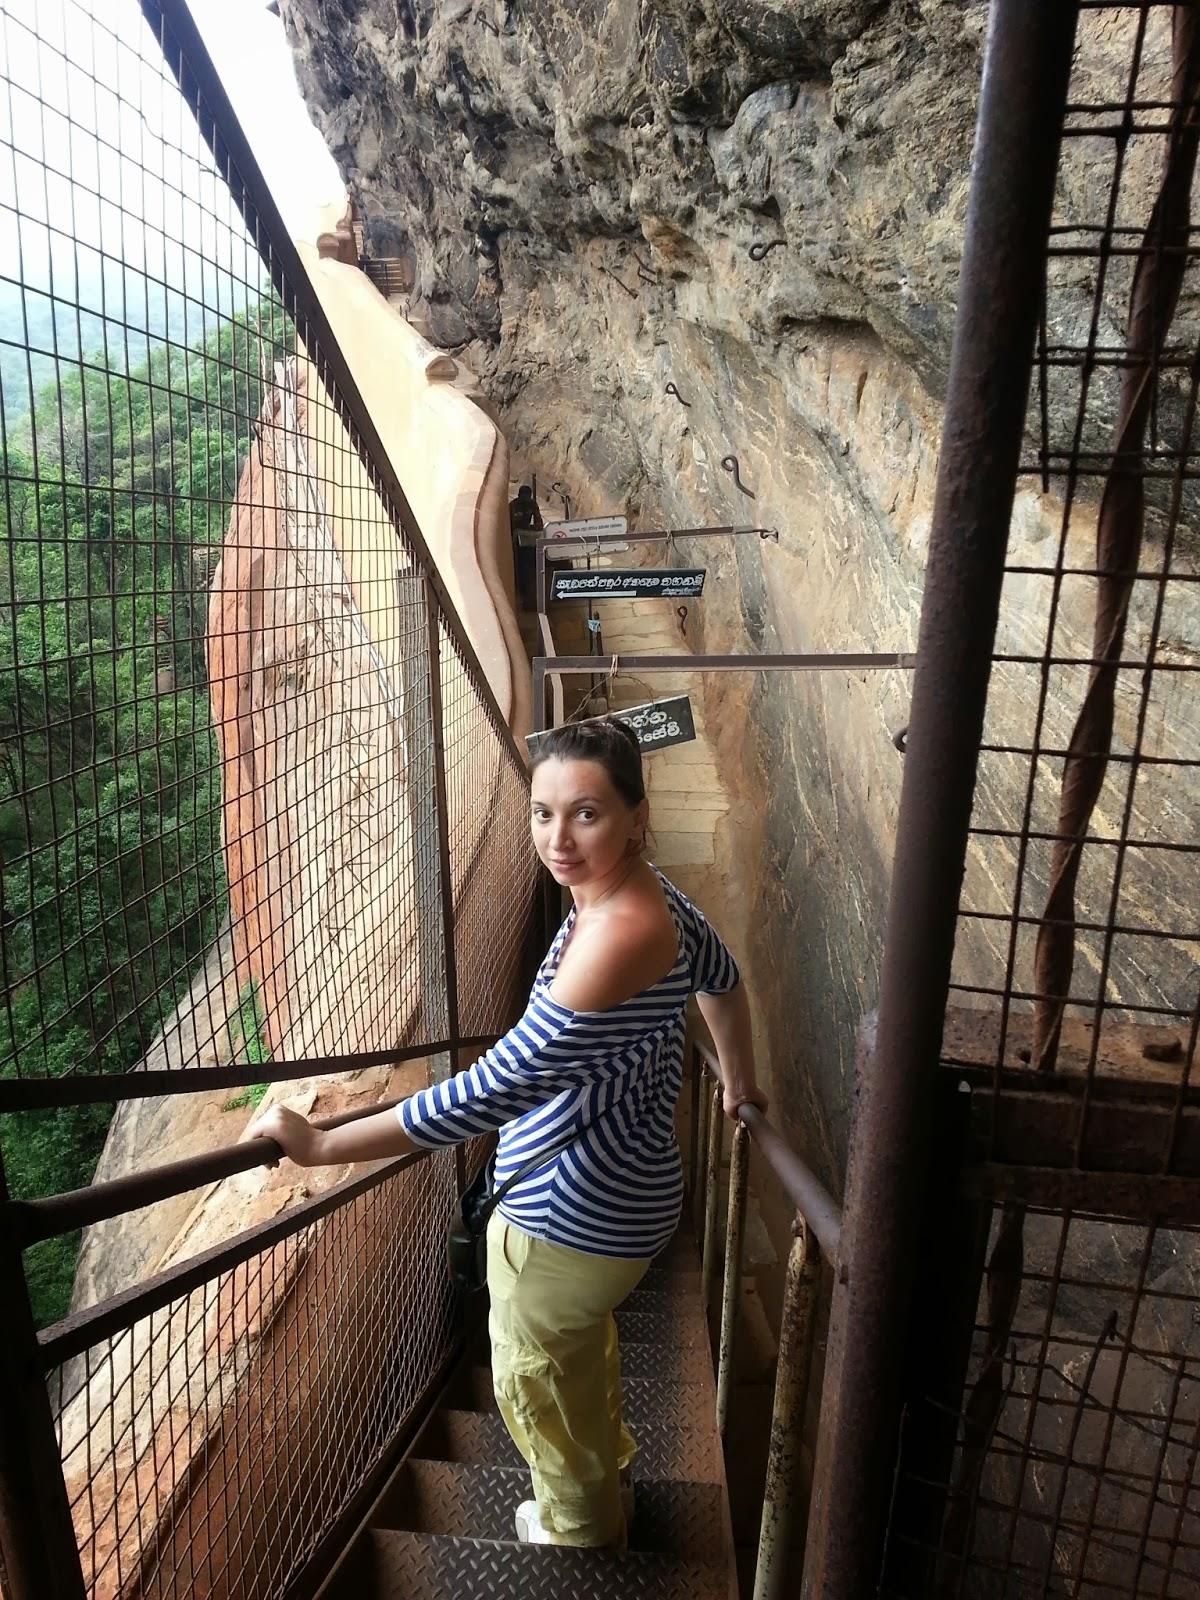 Спускаясь по железной лестнице с галереи фресок на зеркальную стену, Сигирия, Шри-Ланка